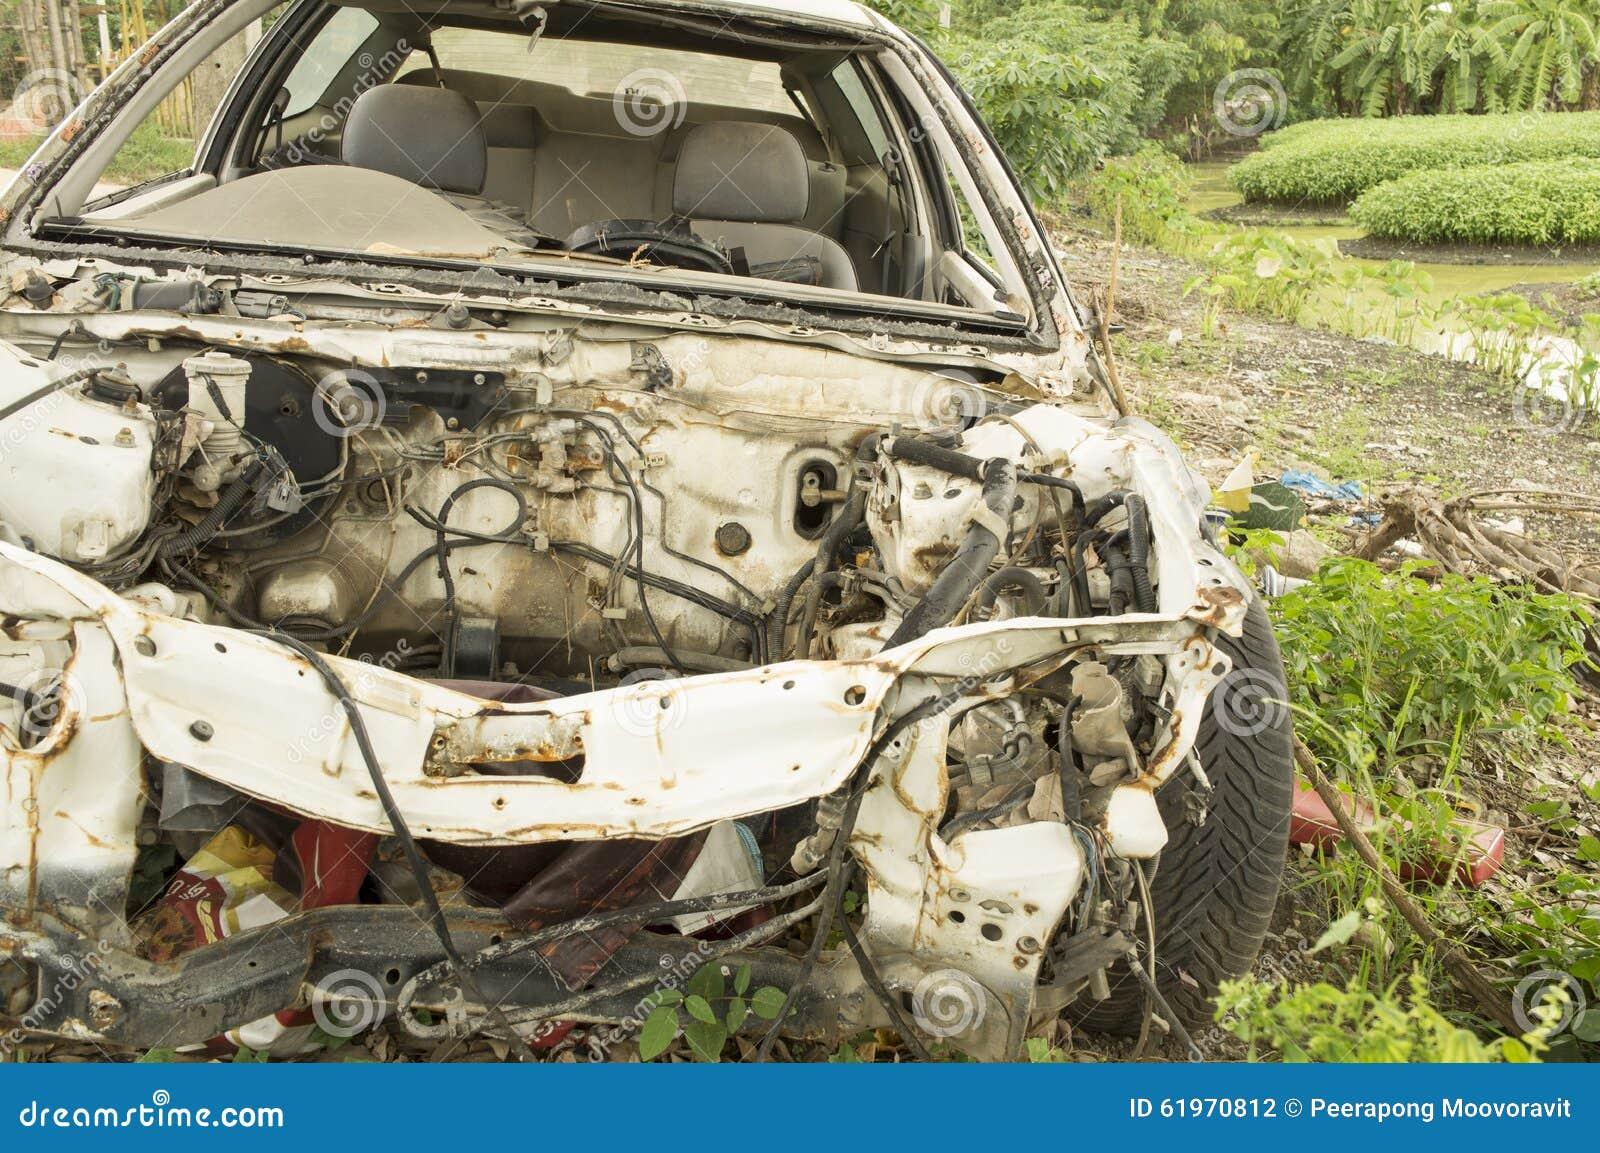 Fruktdryck för bilhaverikraschen dör sammanstötningen drucken skadeknipaförlust